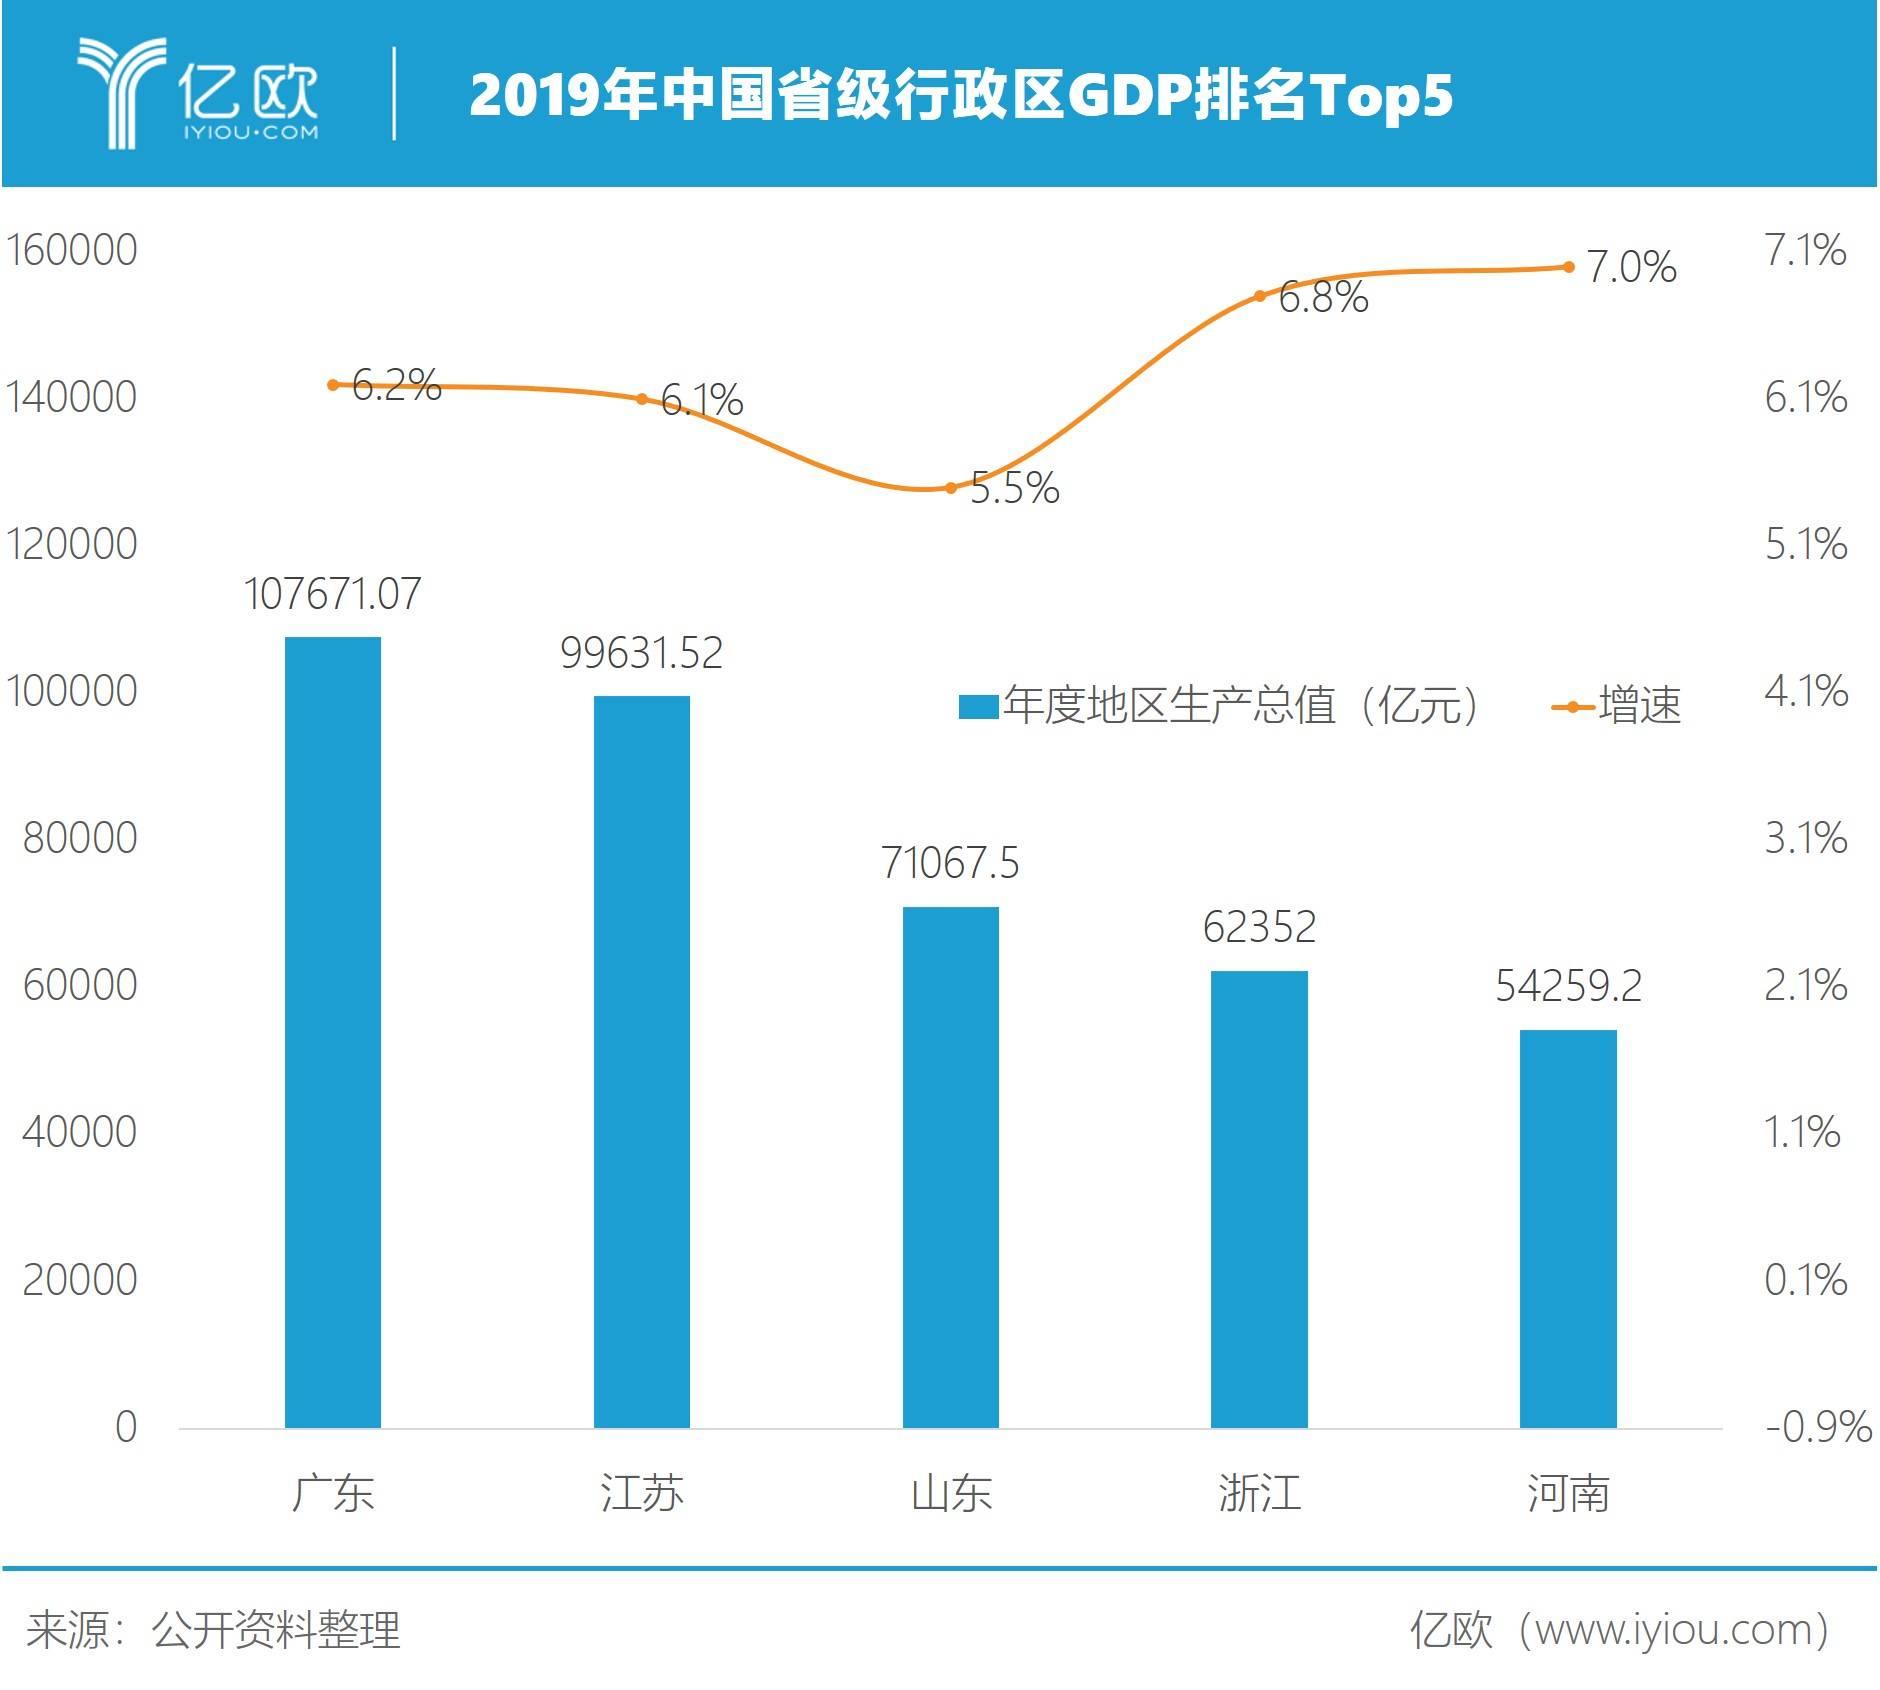 2019年中国省级行政区GDP排名Top5